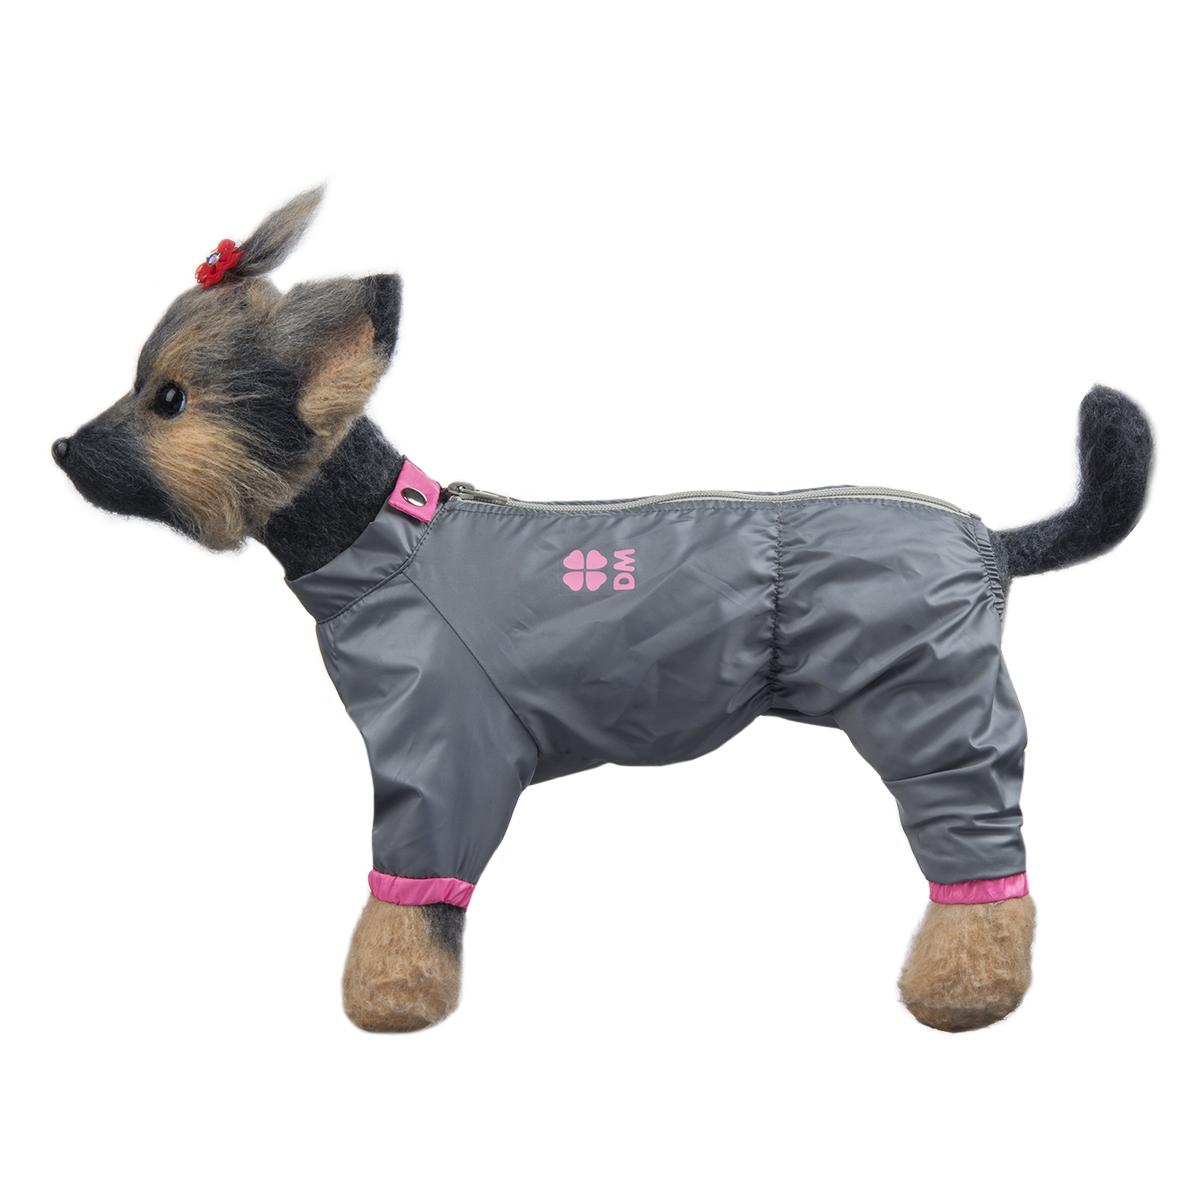 Комбинезон для собак Dogmoda Тревел, для девочки, цвет: серый, розовый. Размер 1 (S) комбинезон для собак dogmoda тревел для девочки цвет серый розовый размер 3 l